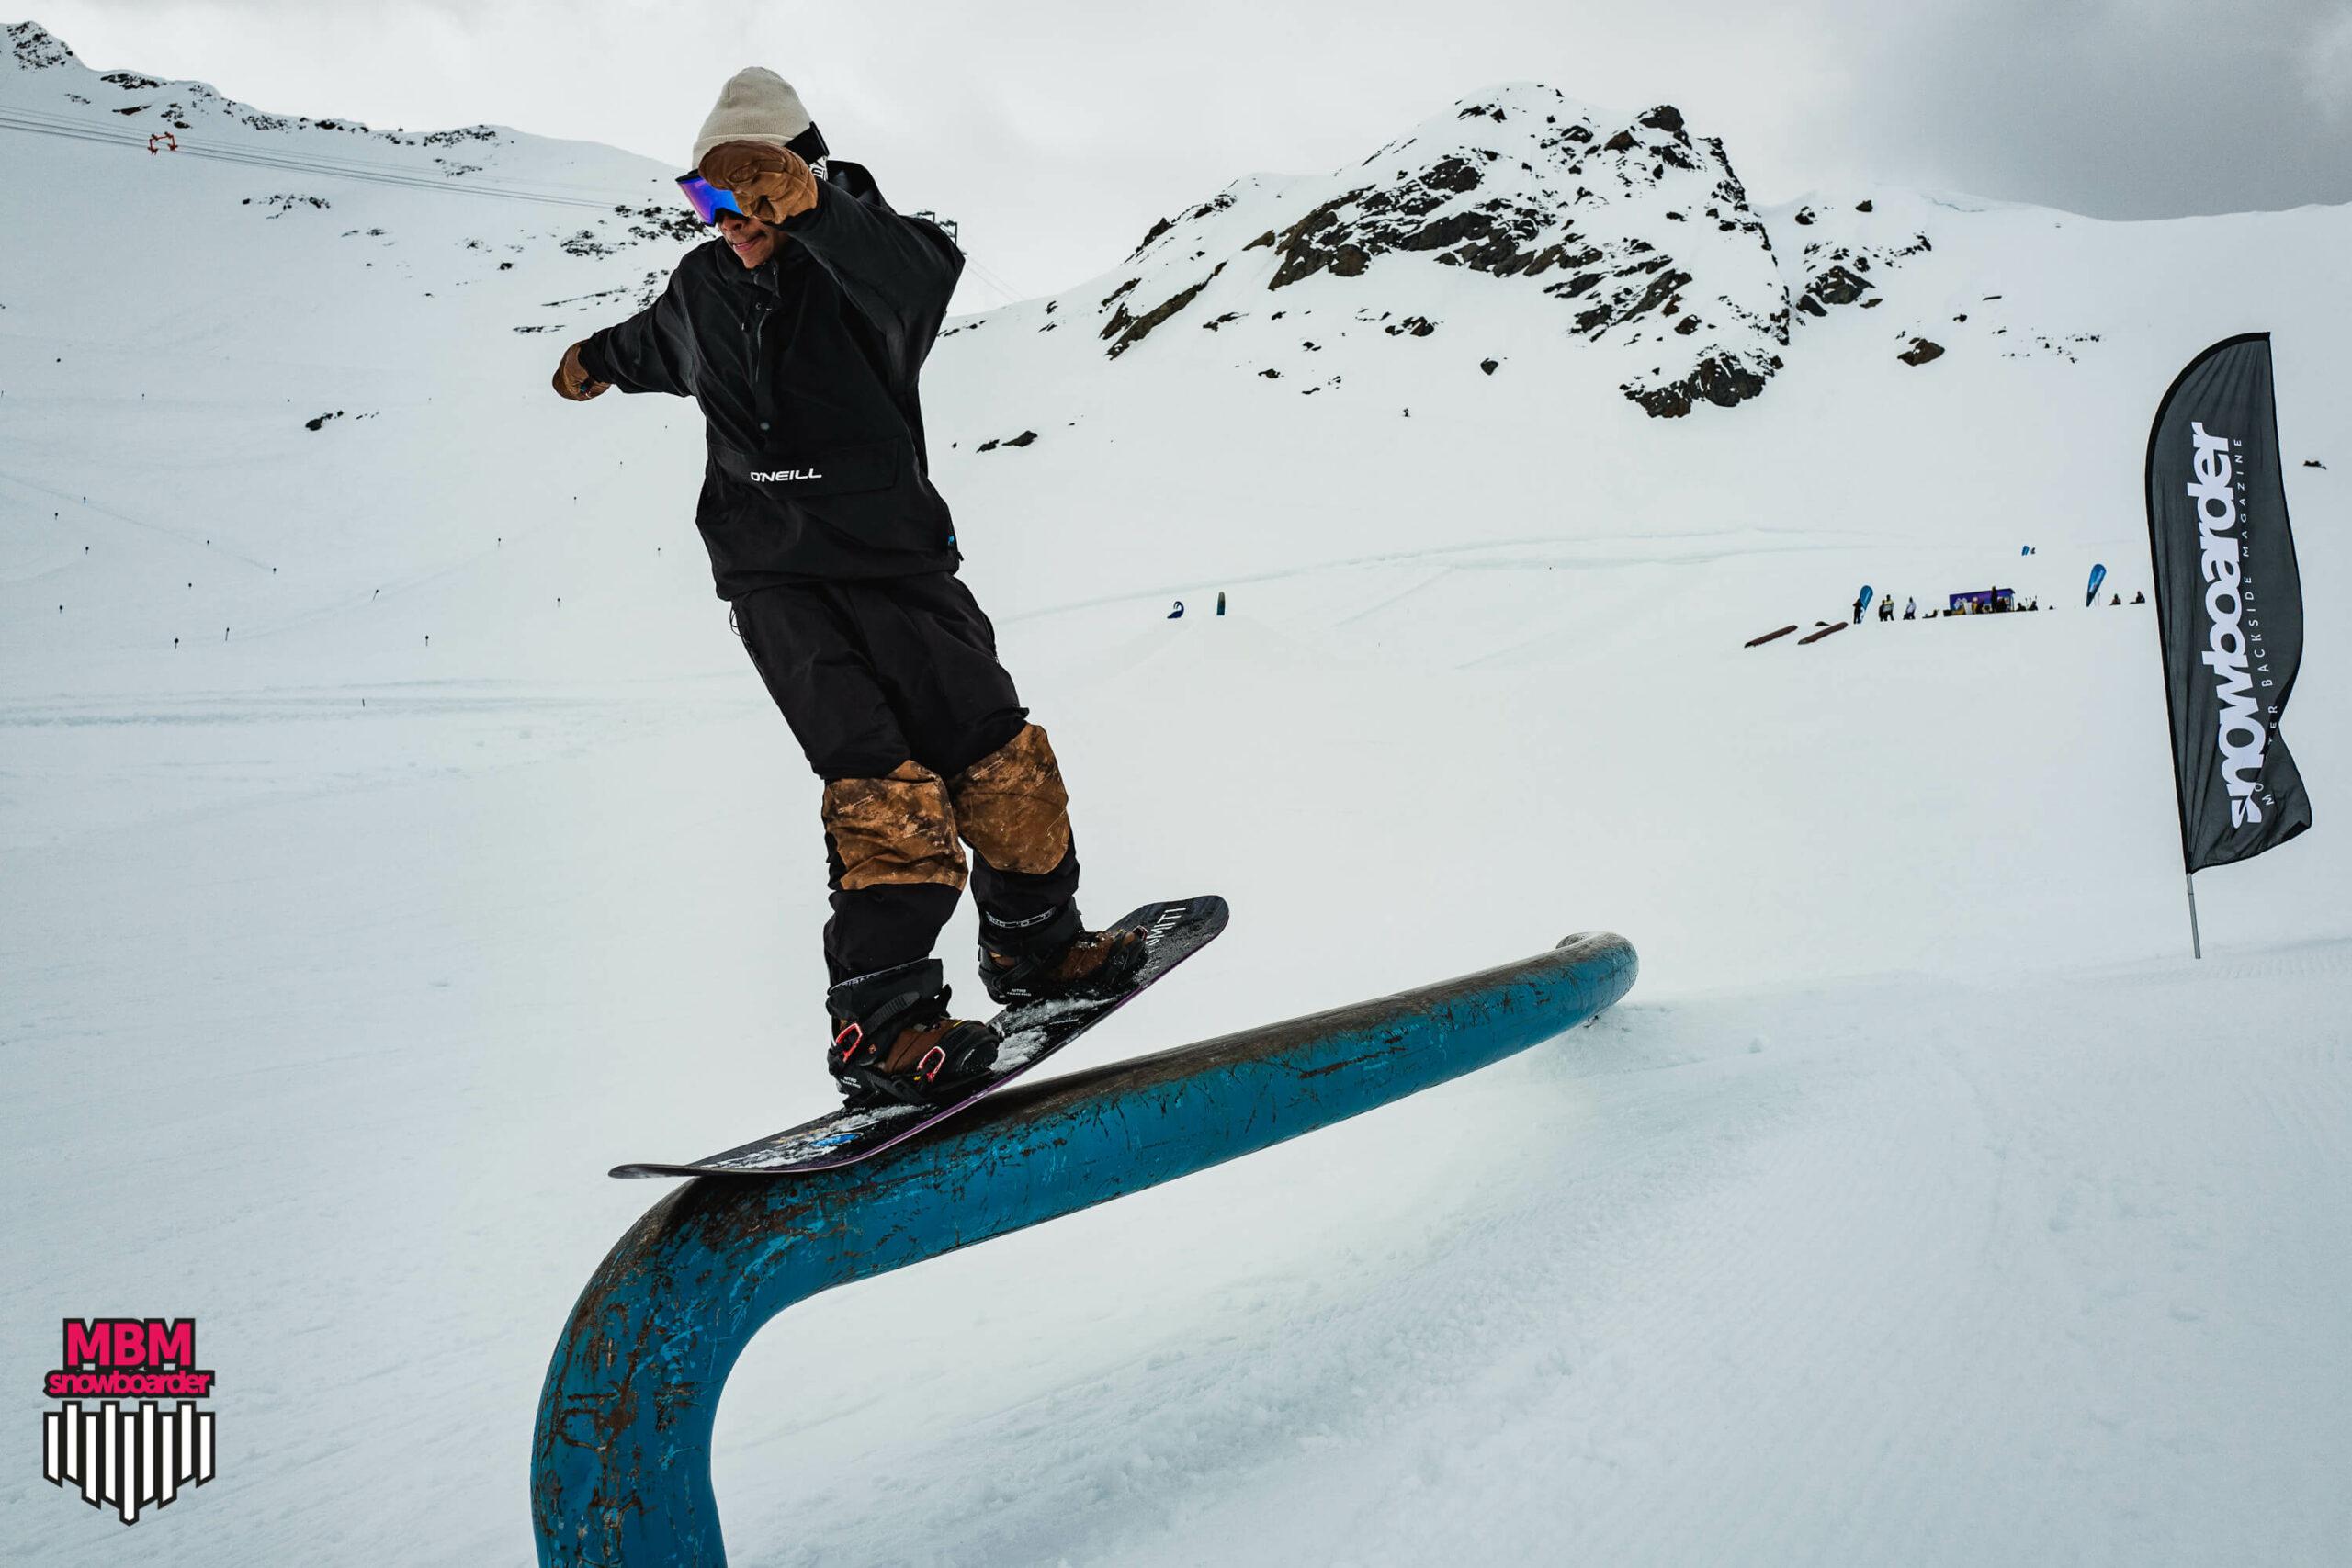 snowboarderMBM_sd_kaunertal_001